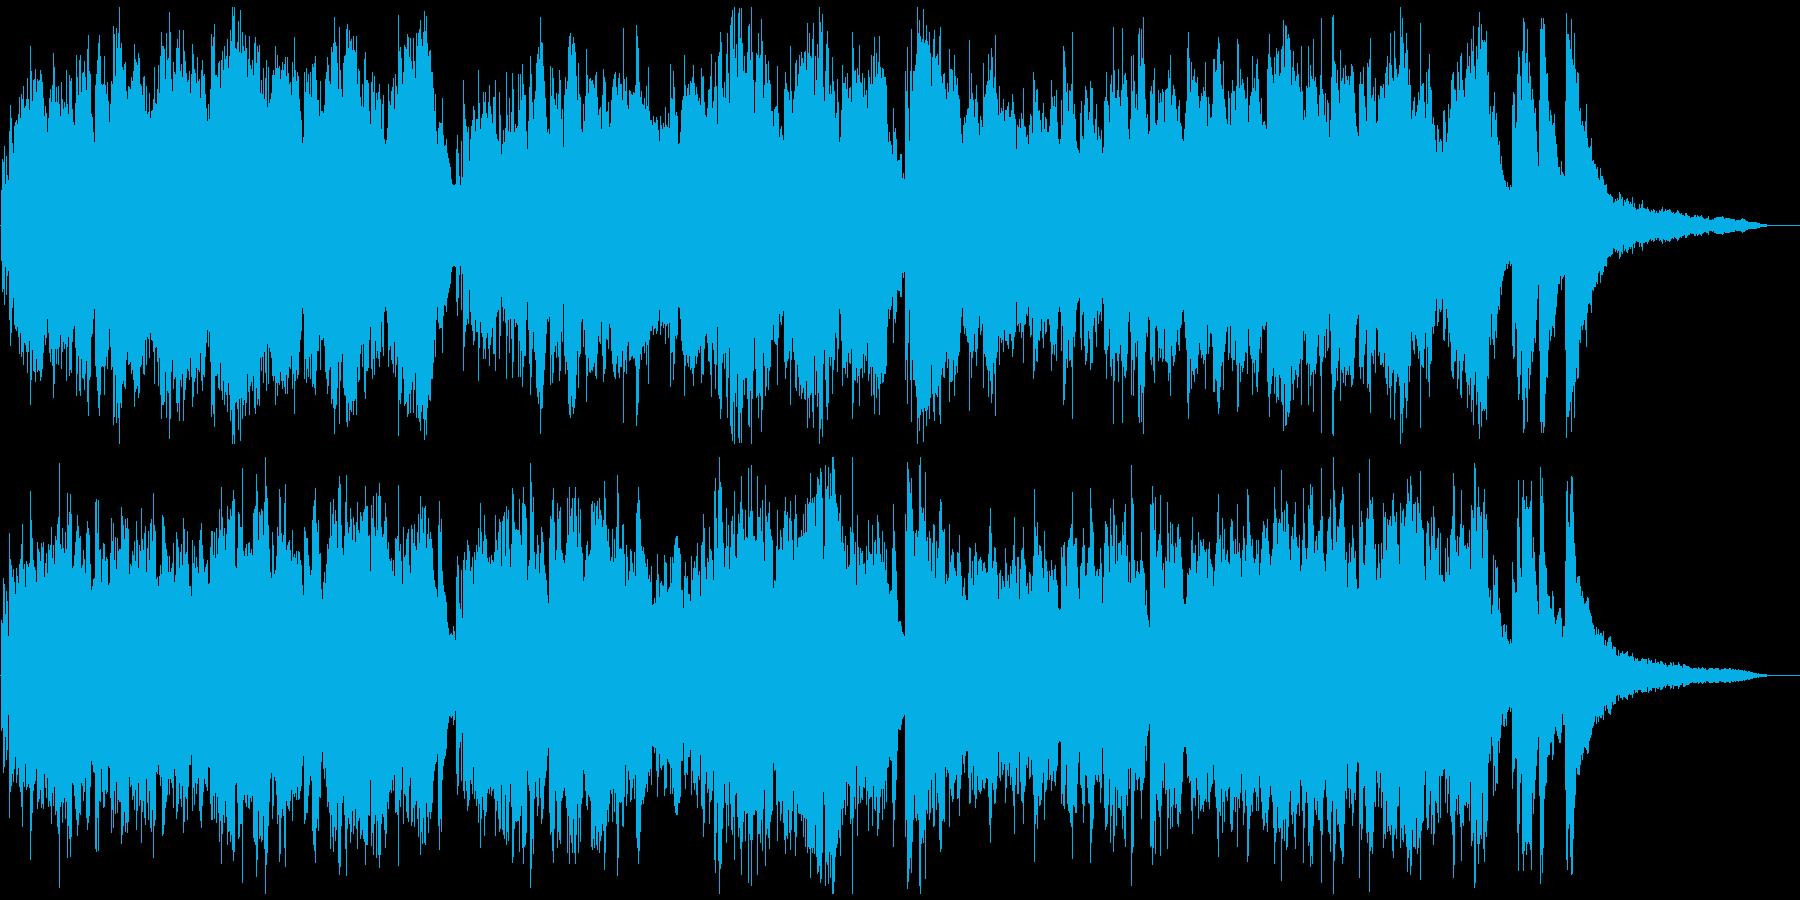 現代音楽風タイムラプス用ピアノソロ3分の再生済みの波形